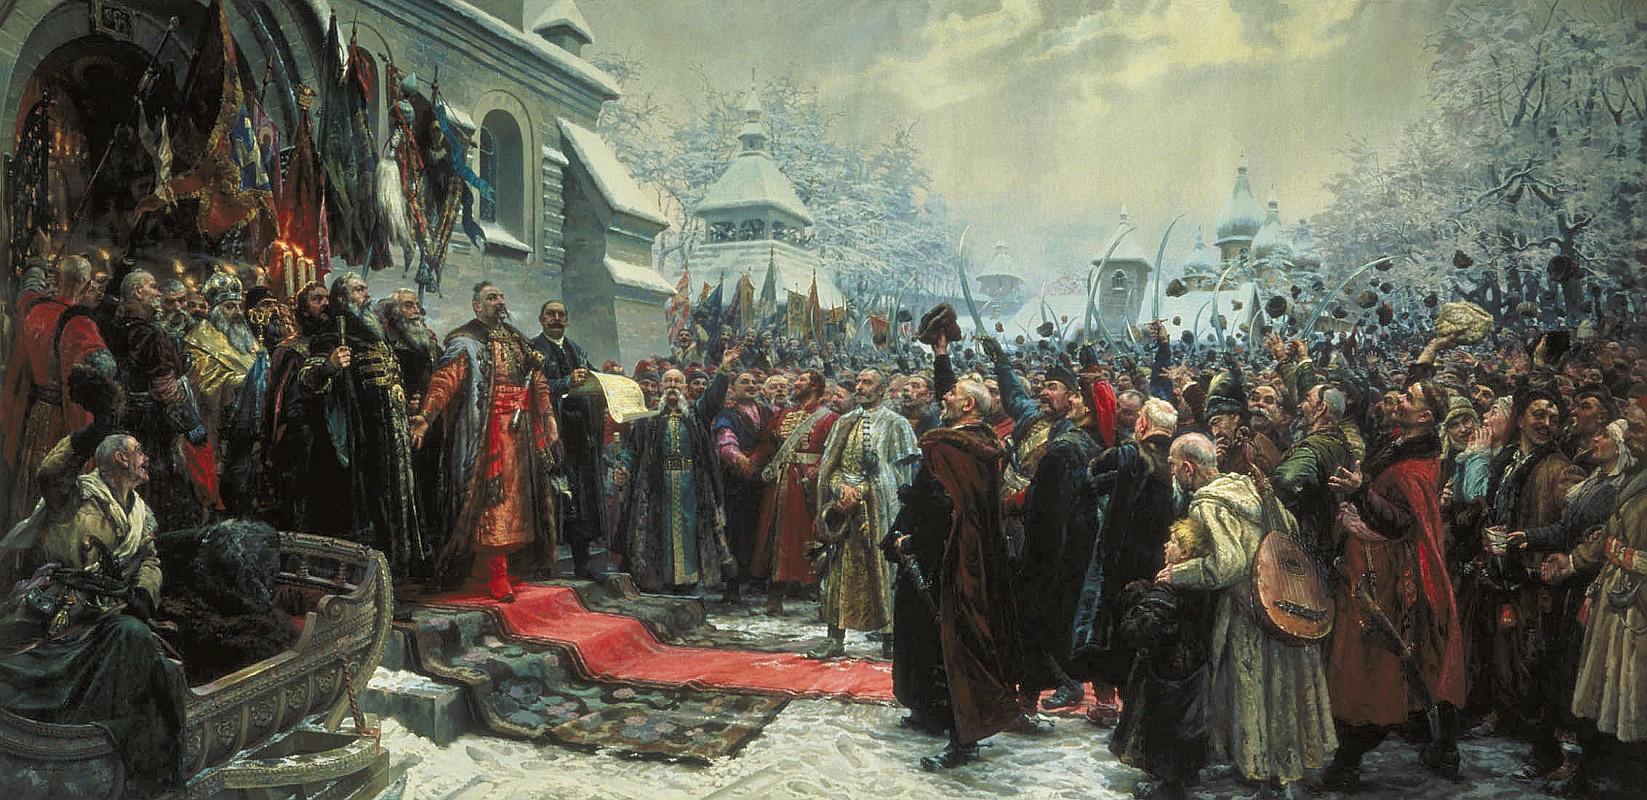 Хмелько Михаил, Навеки с Москвой, навеки с русским народом, 1951 г.